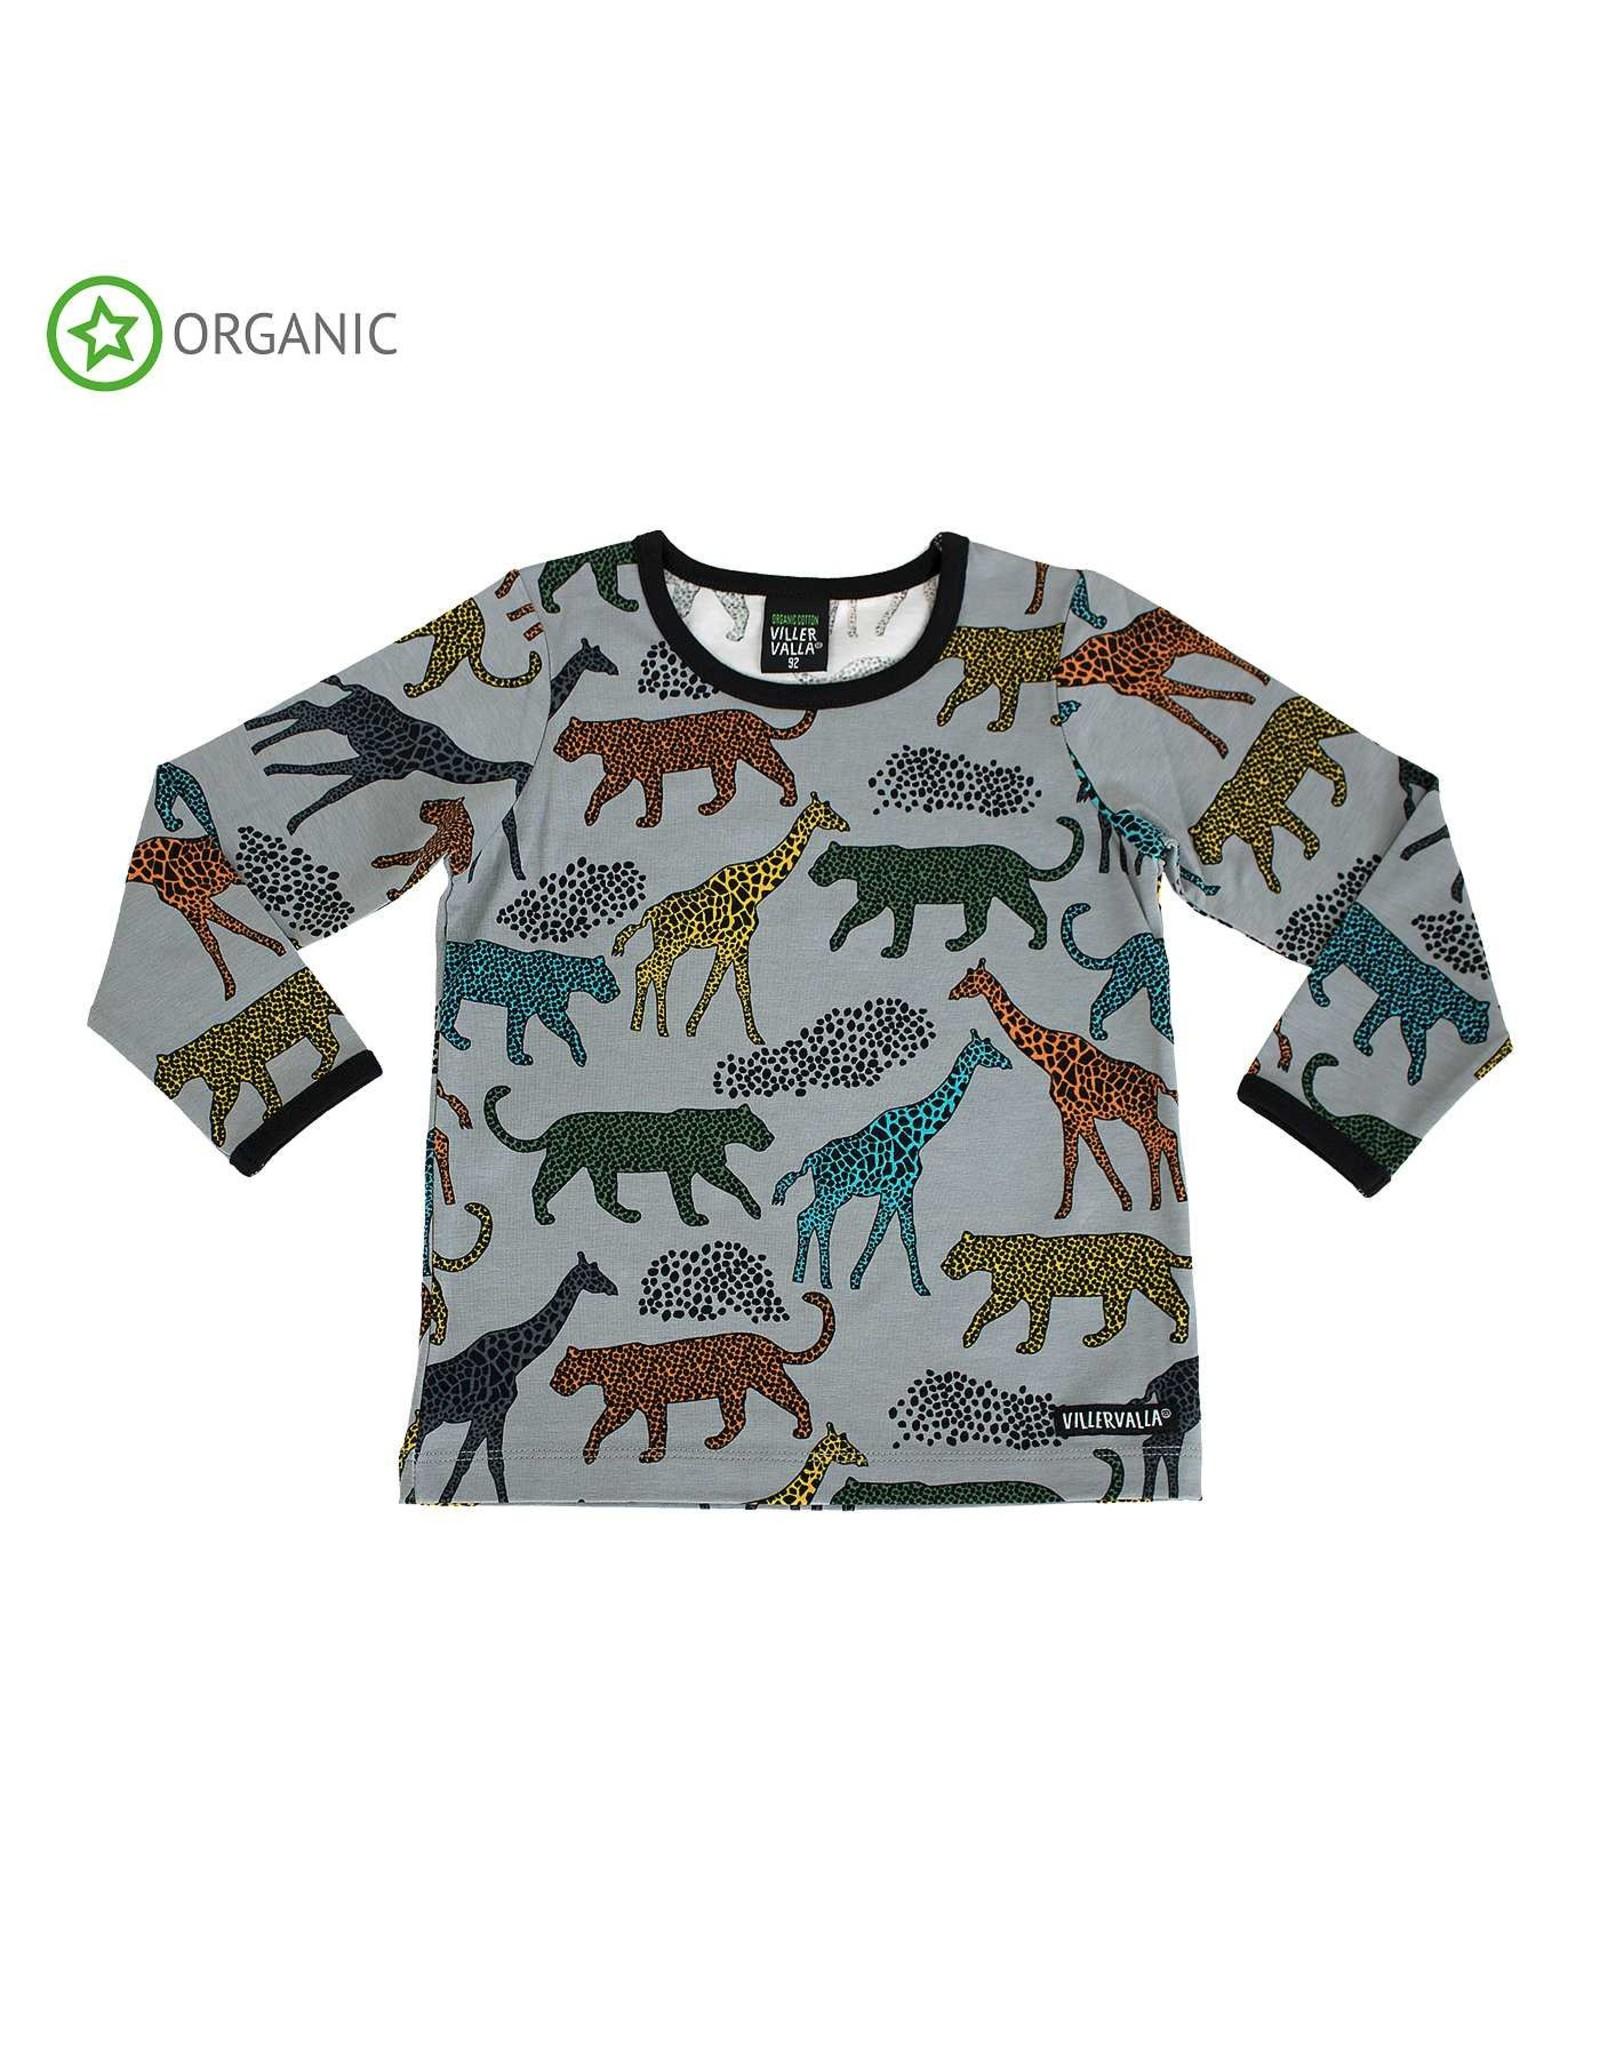 Villervalla T-shirt met wilde dieren - LAATSTE MAAT 146